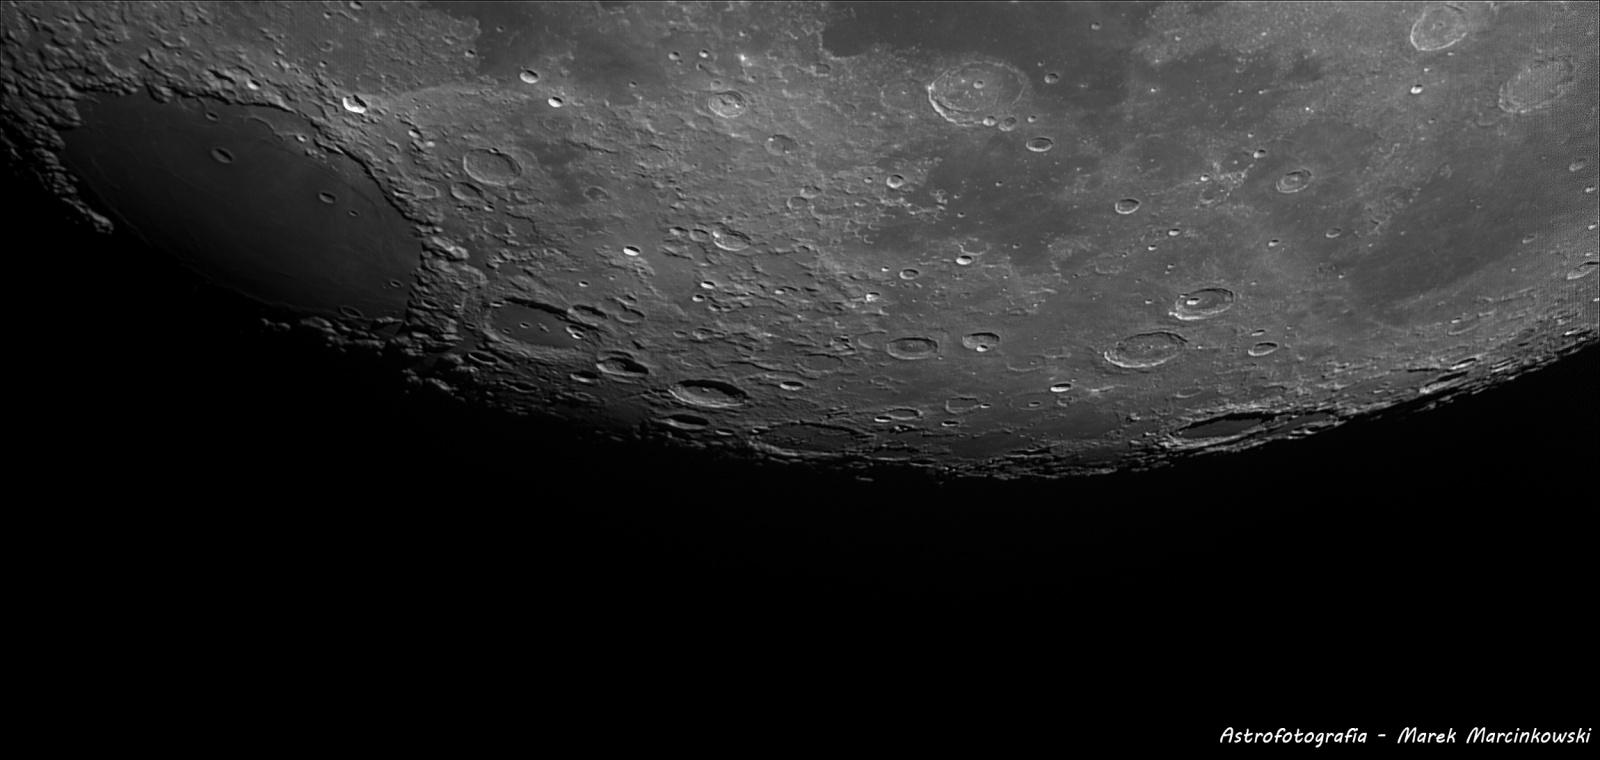 2020-12-31-2000_7-Moon_lapl4_ap182_conv_ps_regi_FB.jpg